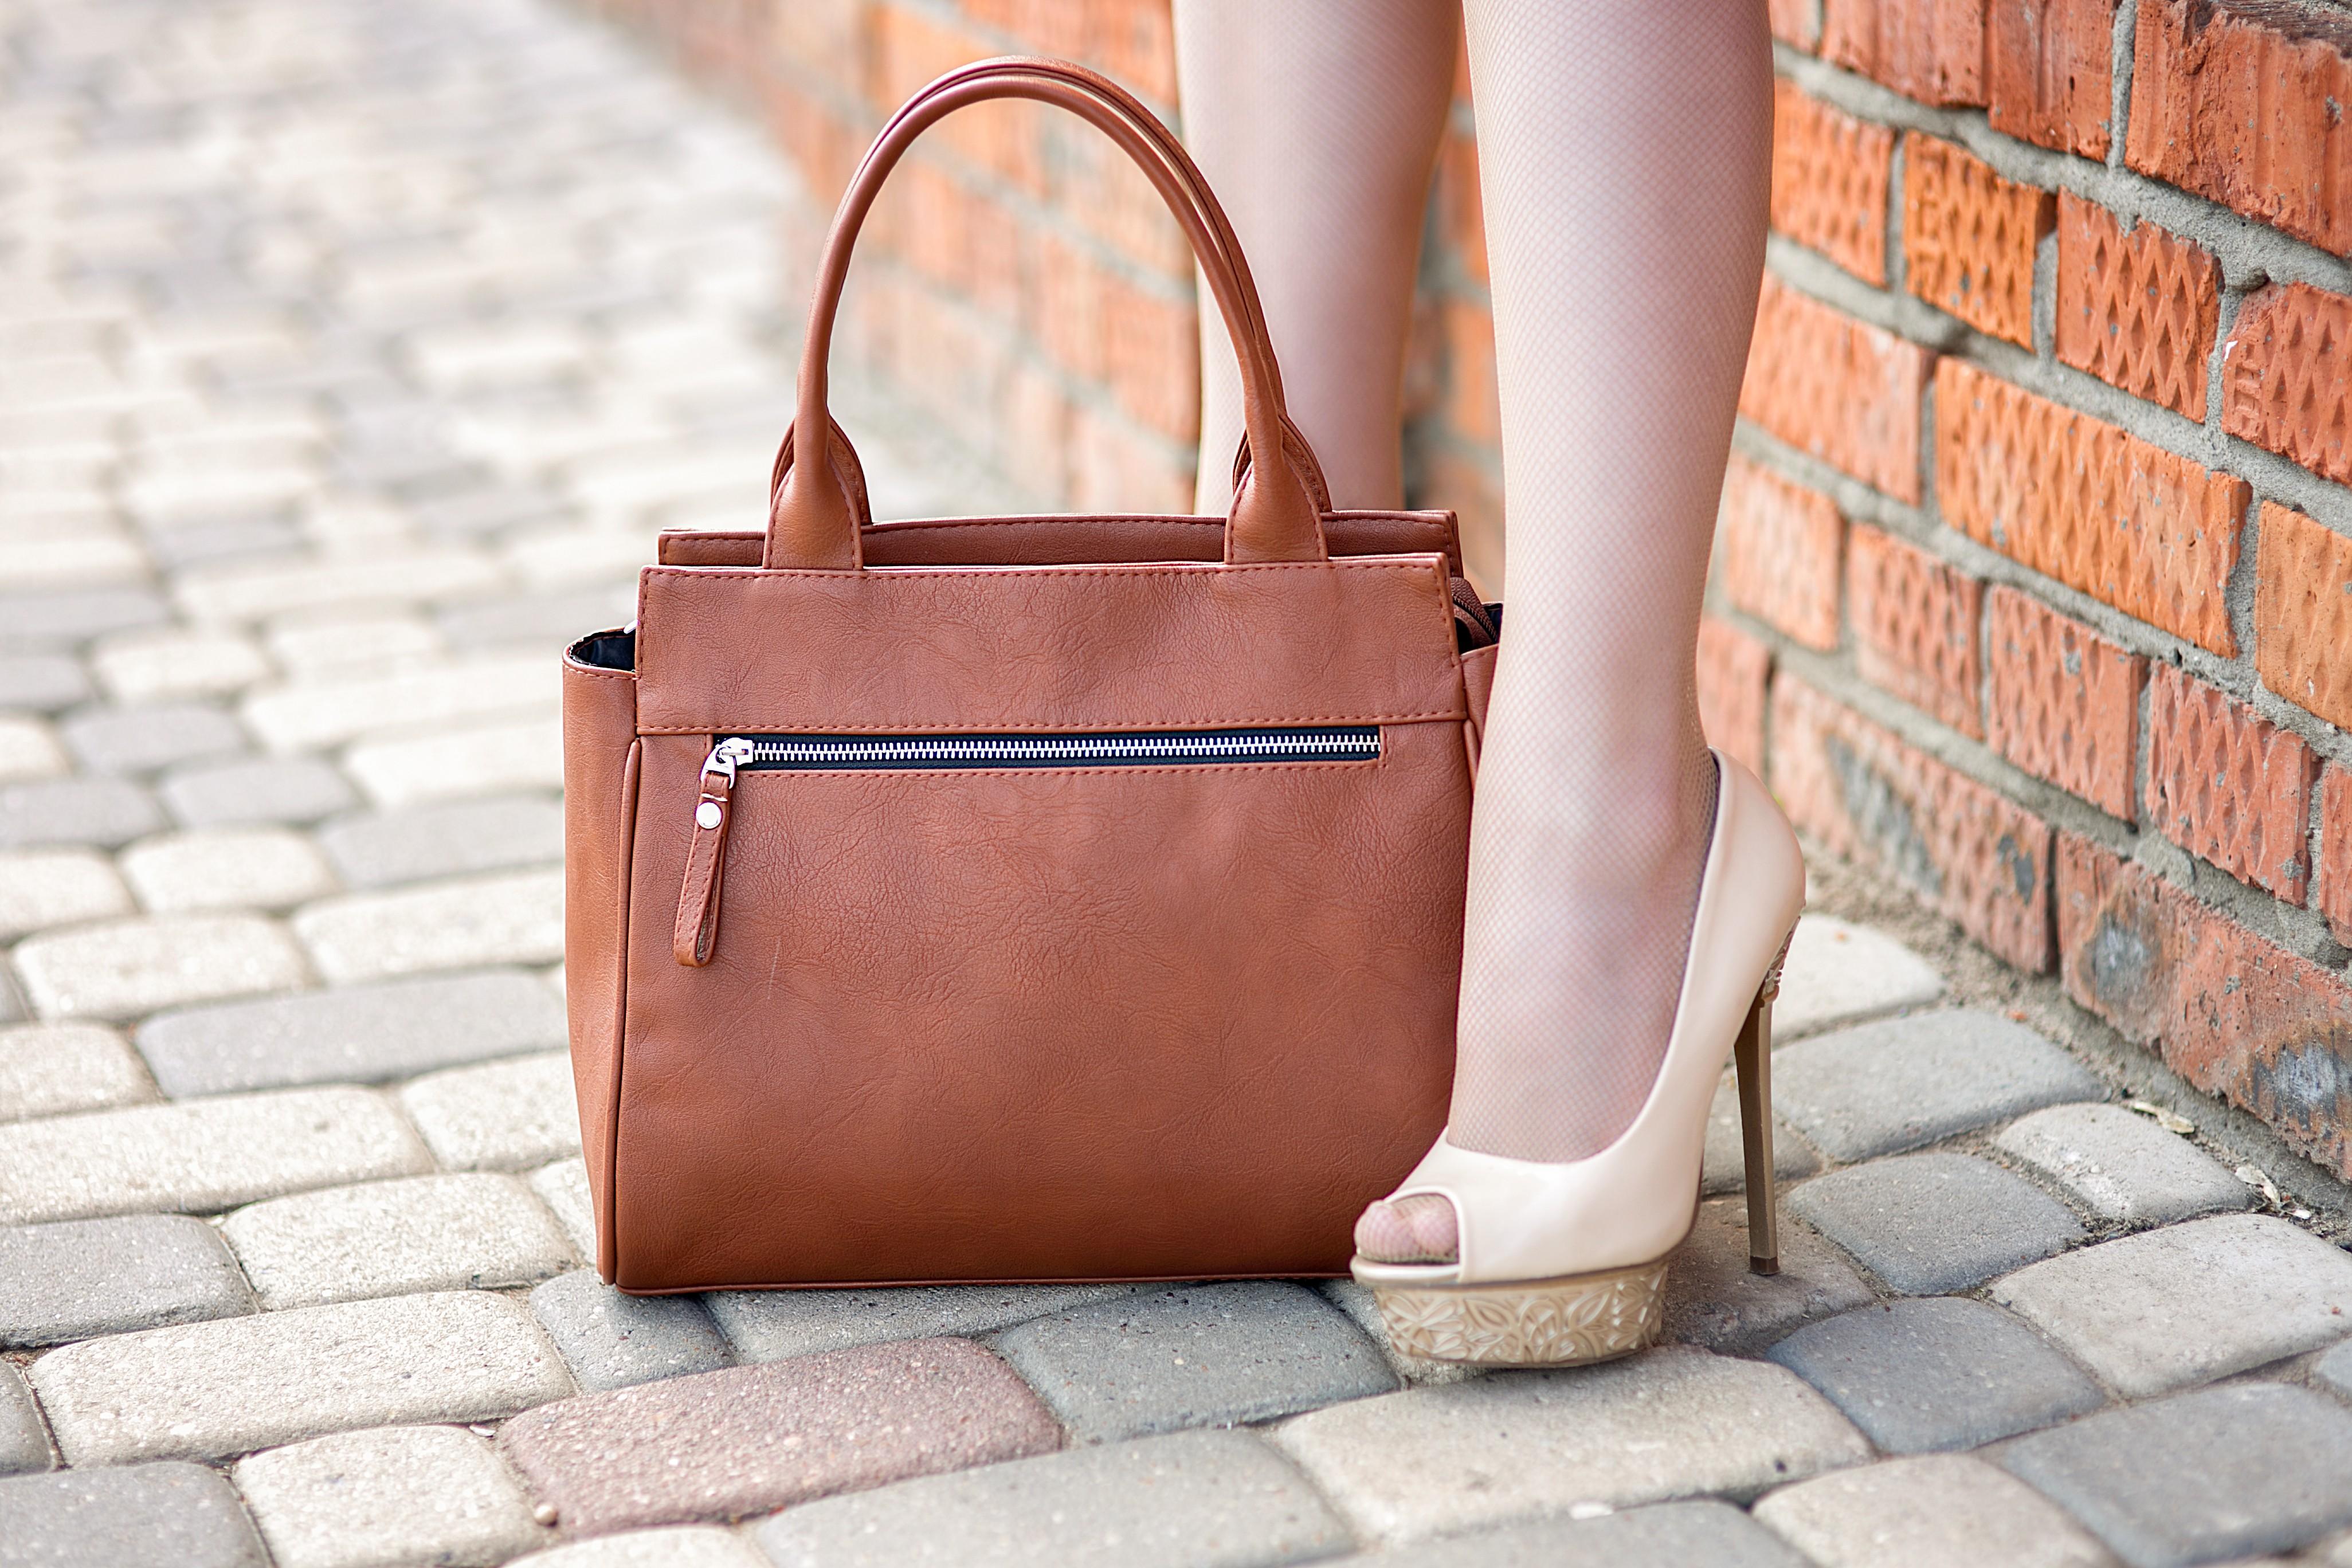 Сбор заказов. Фабричные сумочки от российского производителя Osso! Низкие цены и отличное качество! Море новинок уже в